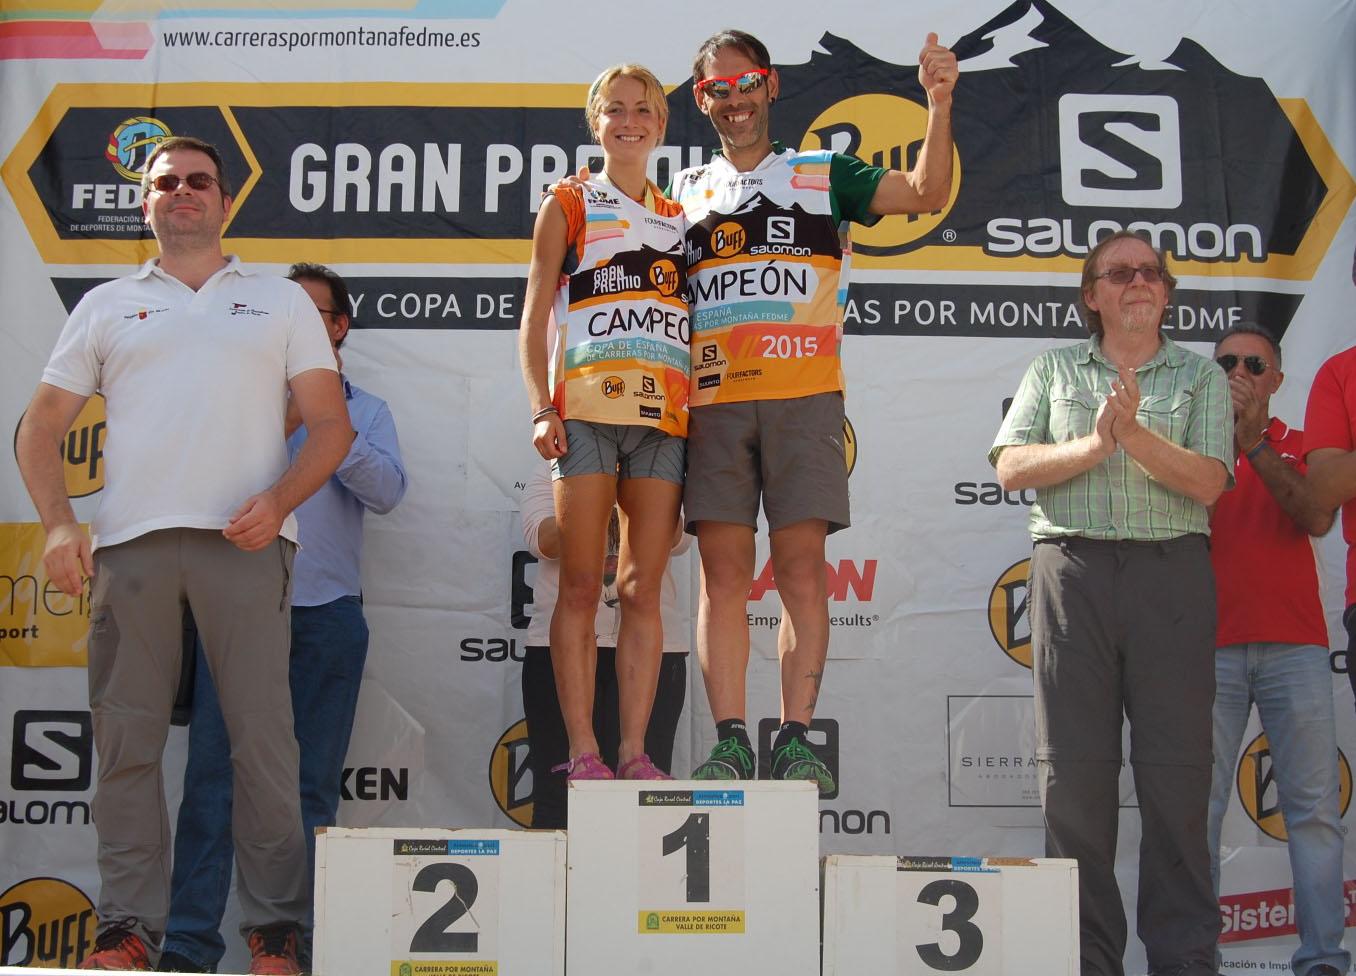 Iván Ortiz y Paula Cabrerizo se proclaman campeones de la Copa de España de Carreras por Montaña en Línea - GP BUFF®-Salomon en el Ricote Trail Meryl